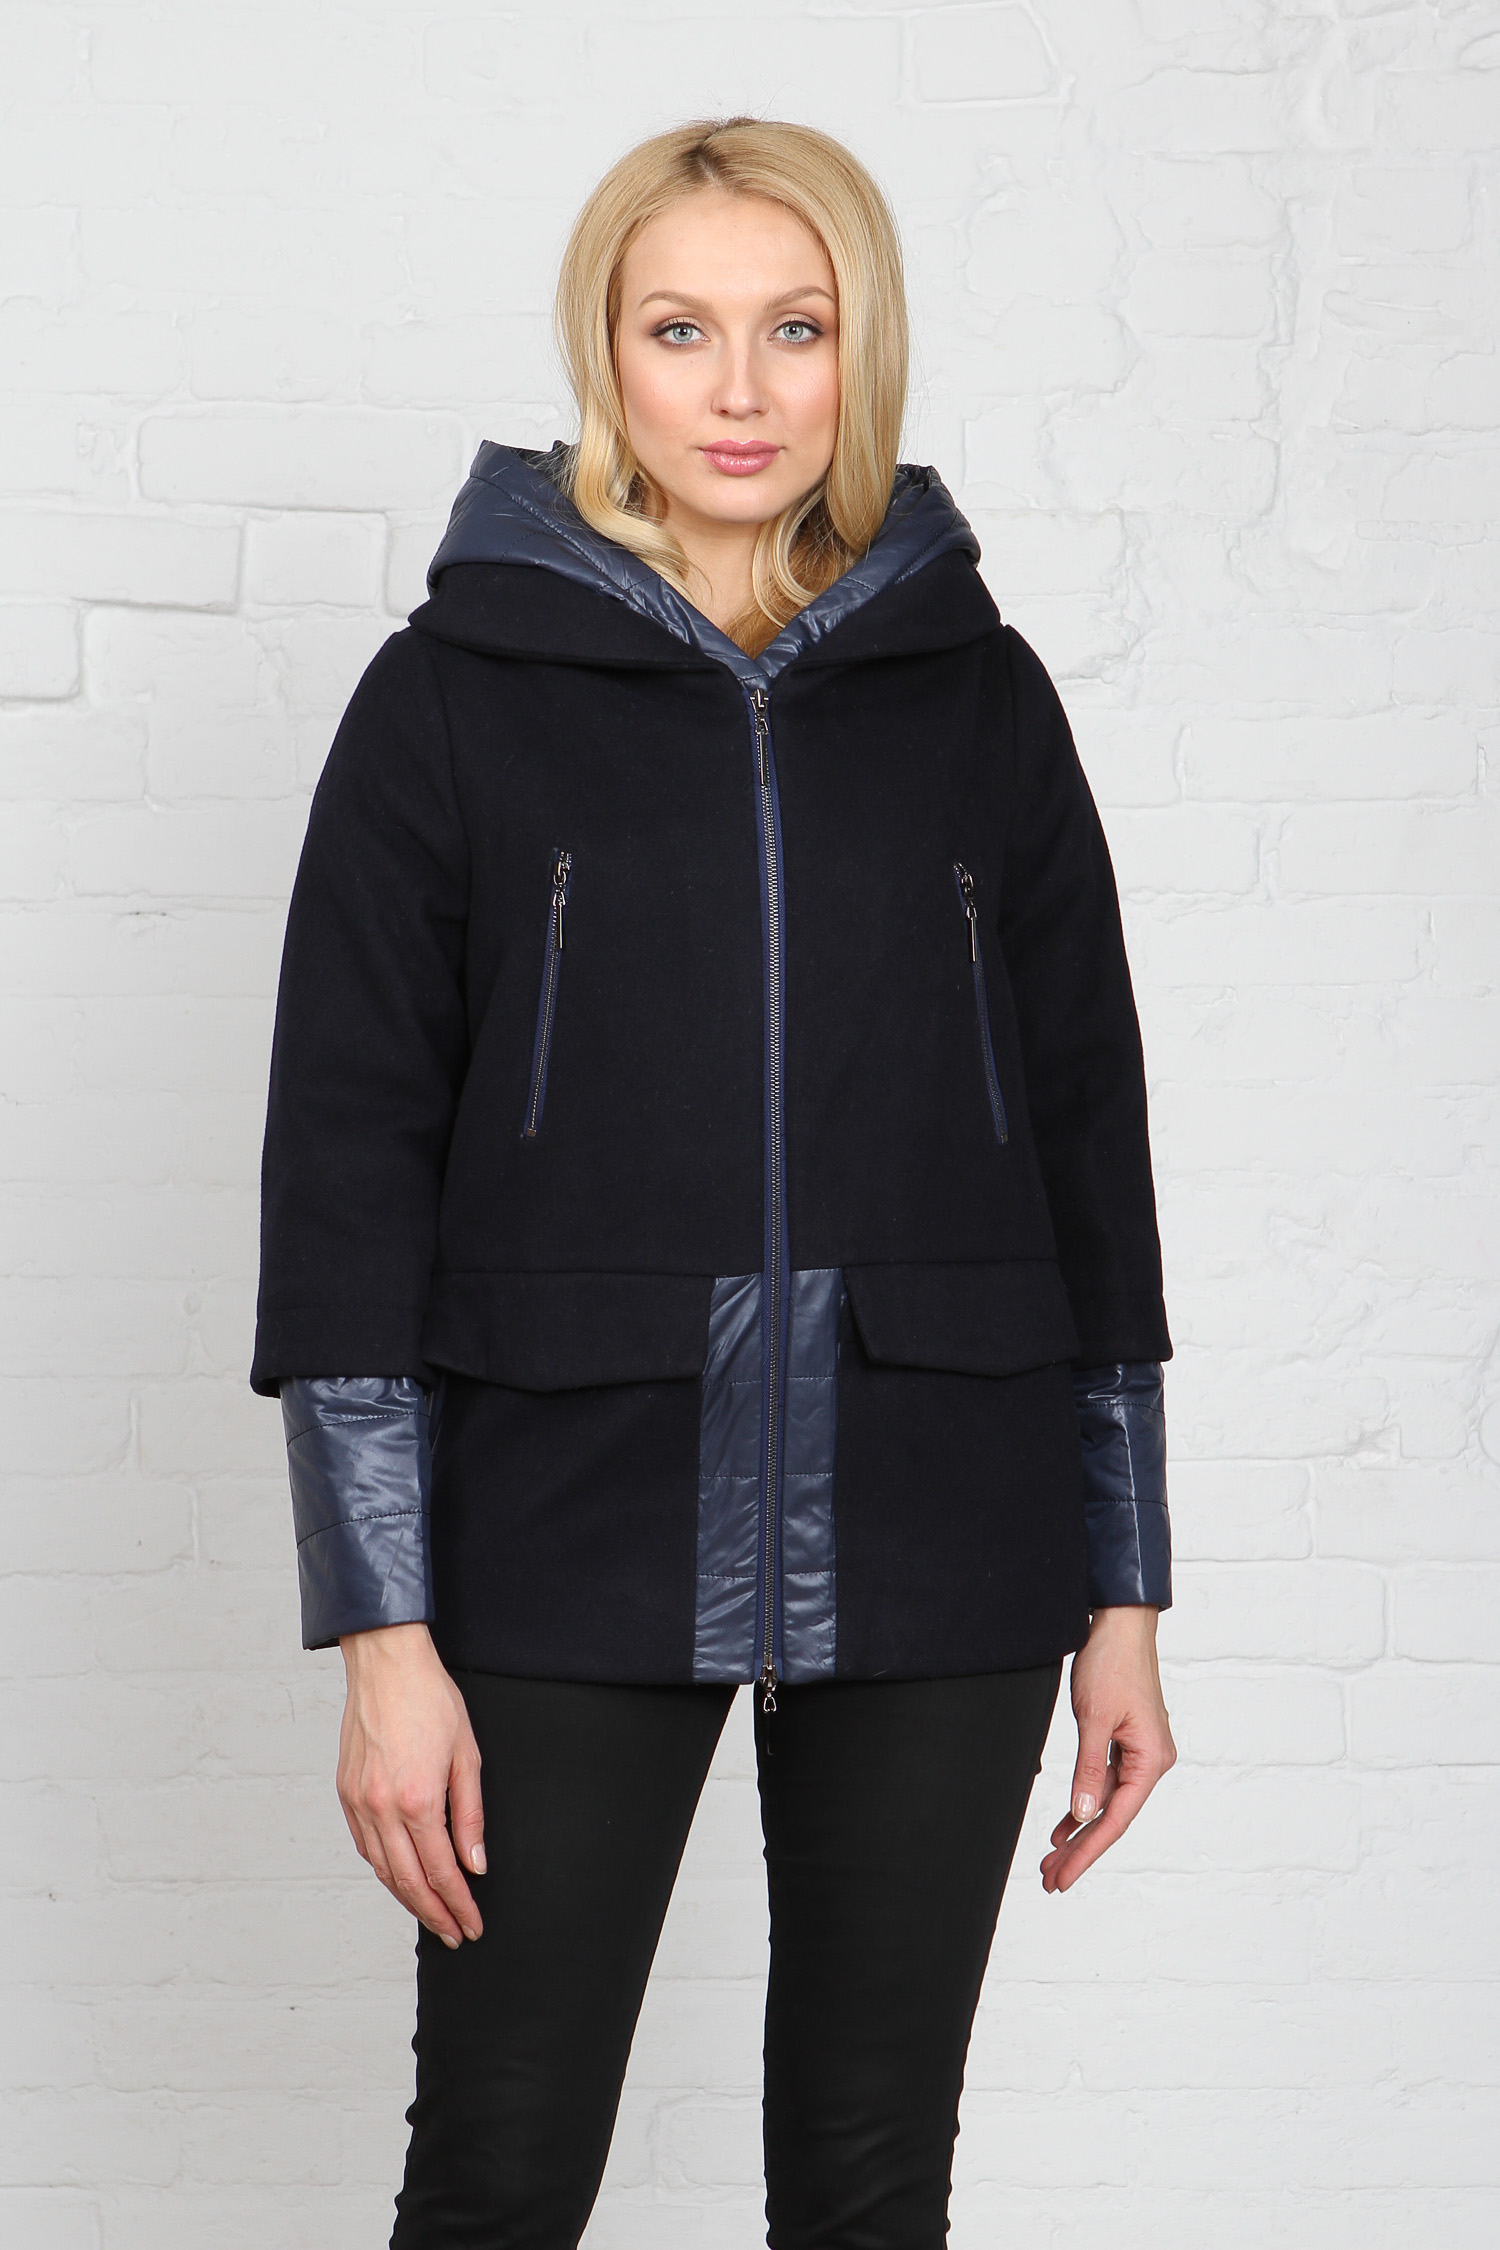 Куртка женская из текстиля с капюшоном, без отделки<br><br>Воротник: капюшон<br>Длина см: Короткая (51-74 )<br>Материал: Текстиль<br>Цвет: синий<br>Вид застежки: центральная<br>Застежка: на молнии<br>Пол: Женский<br>Размер RU: 52